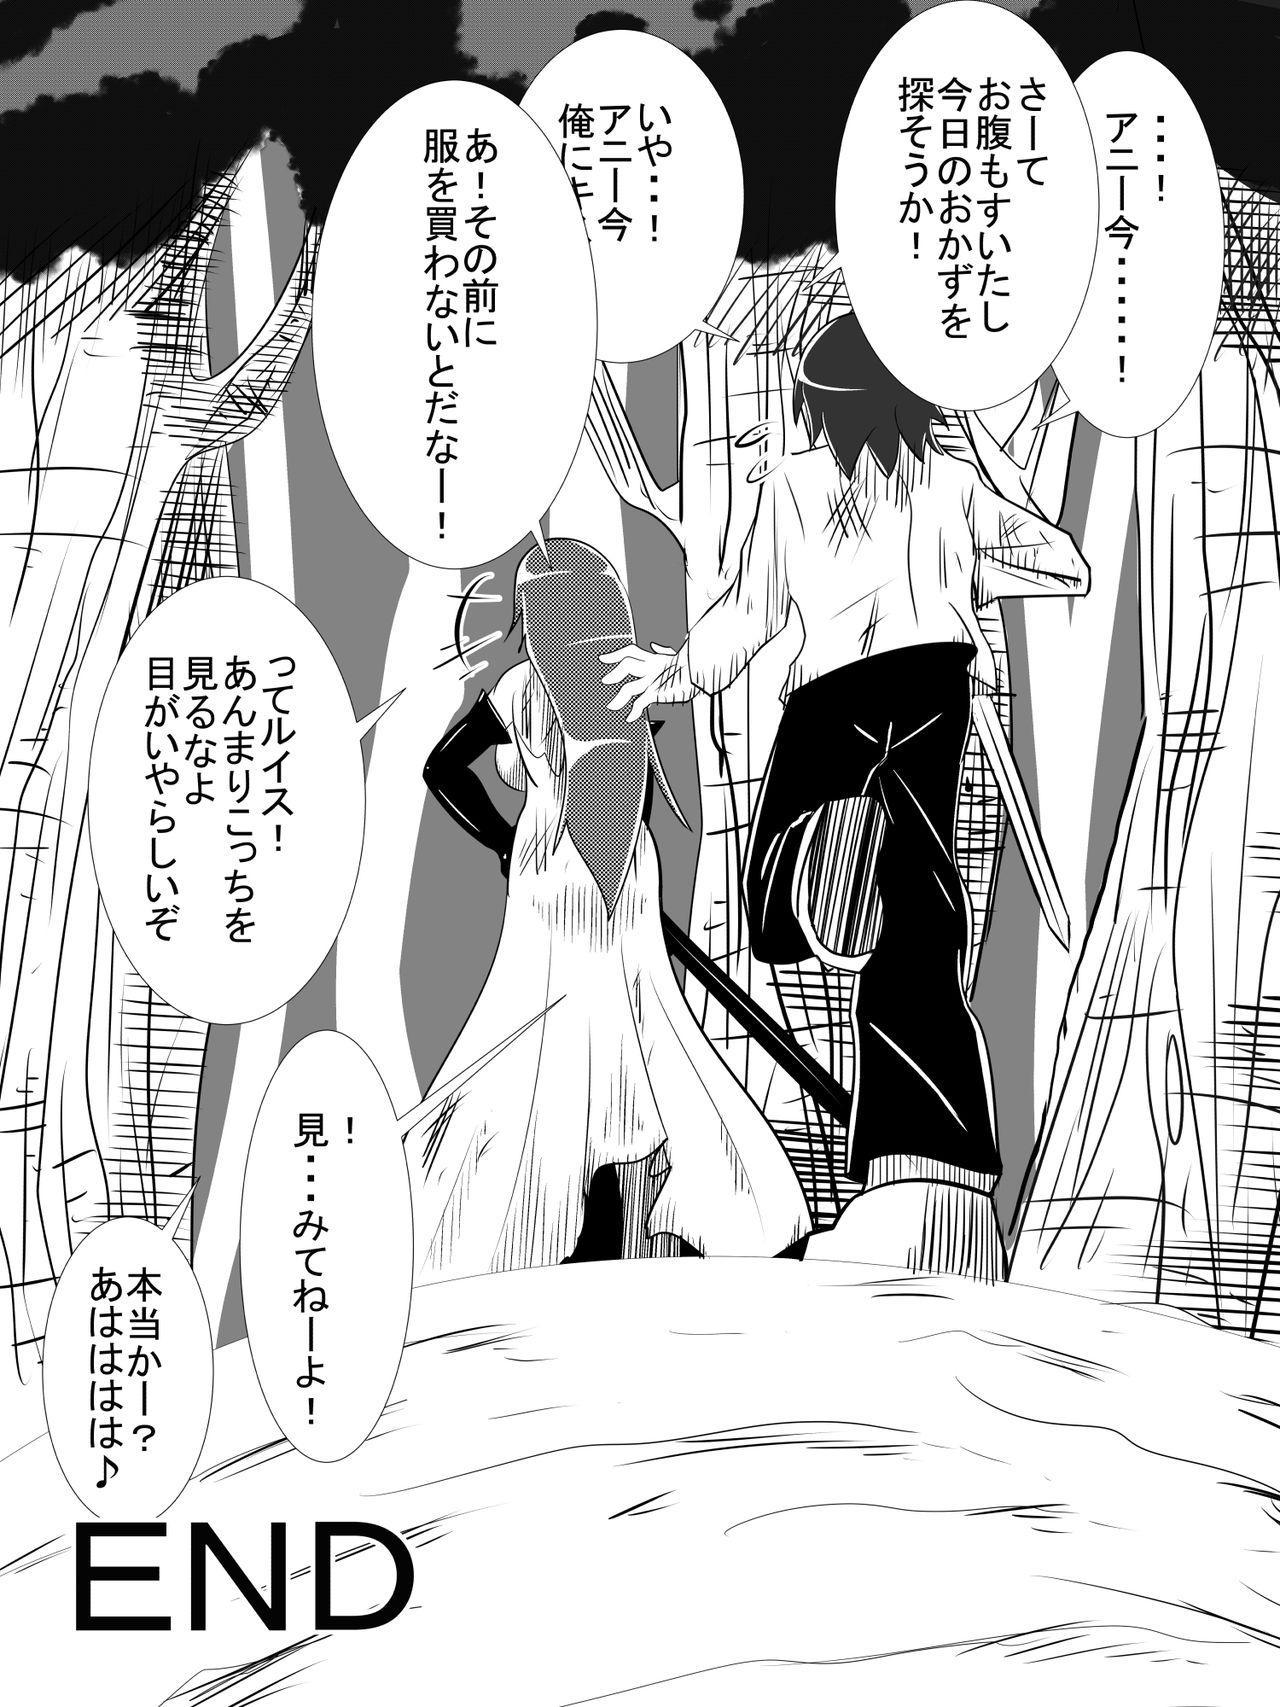 Osananajimi no Onna Kishi ga Oujo ni Naru Made Kouhen + Omake 5